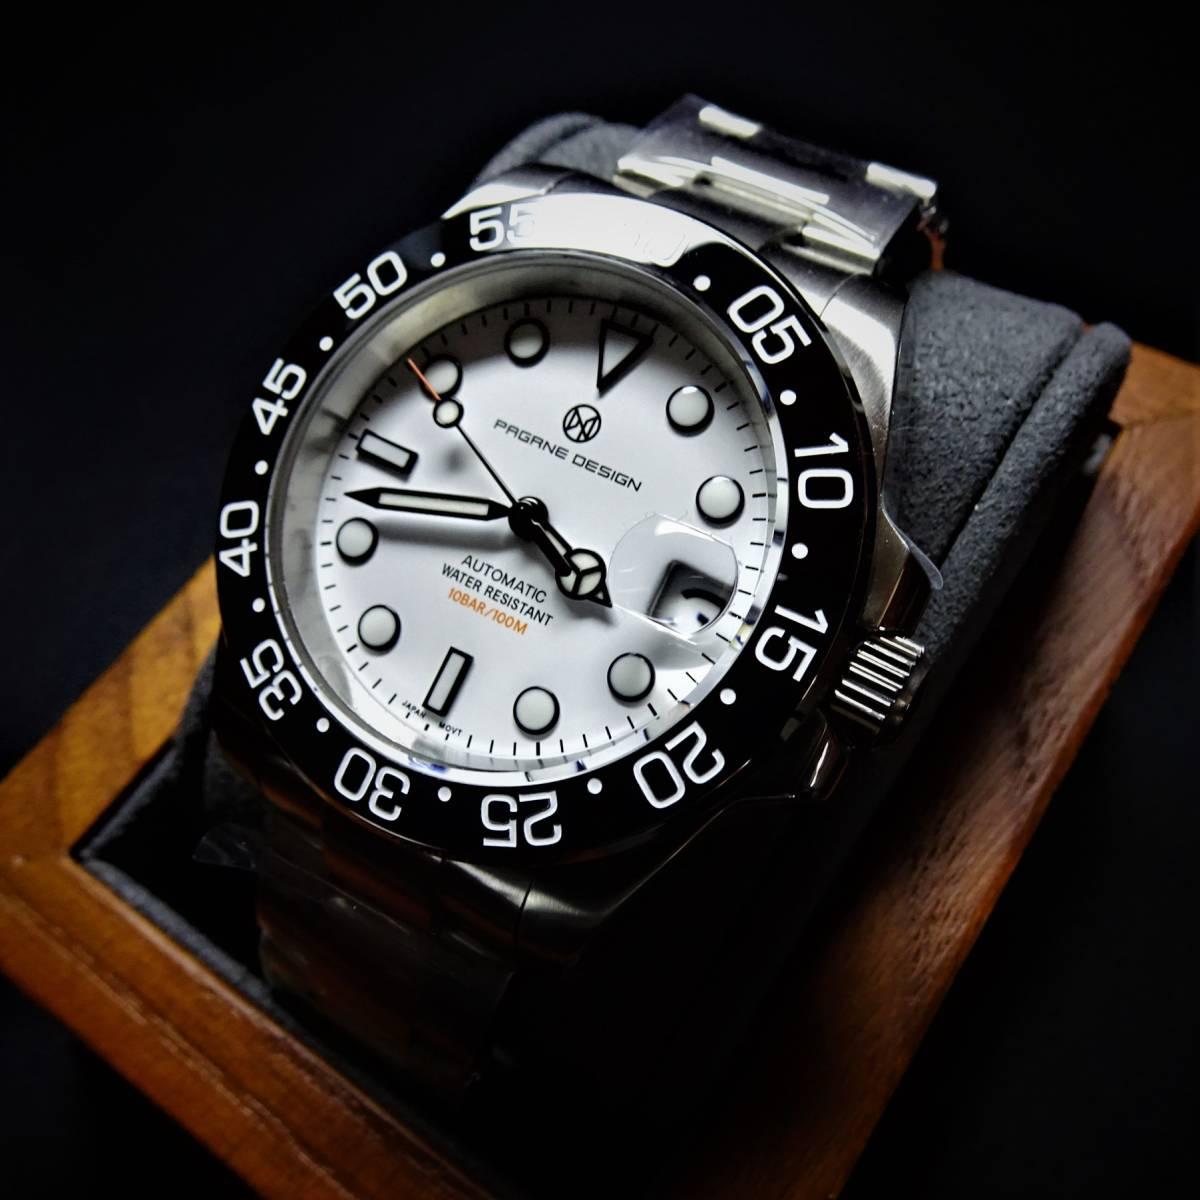 新品〓自動巻きセイコー製NH35搭載機械式腕時計サブダイバーPAGANI DESIGNブランドステンレスケース〓サファイアガラス〓ホワイト文字盤